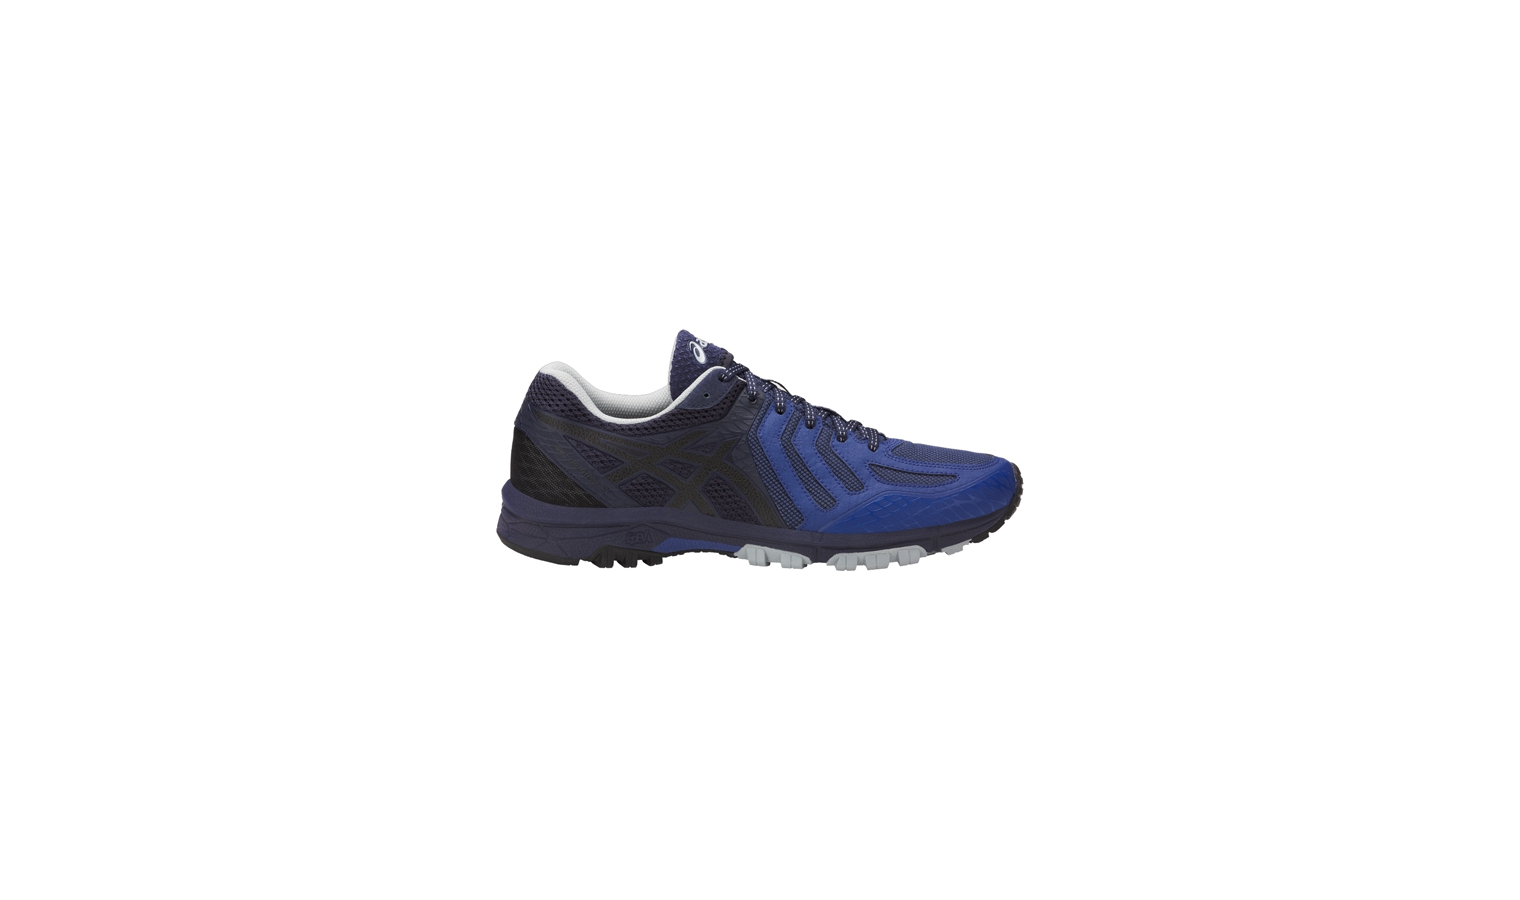 f19f8a11a25a5 Pánské běžecké boty Asics GEL-FUJIATTACK 5 modré | AD Sport.cz